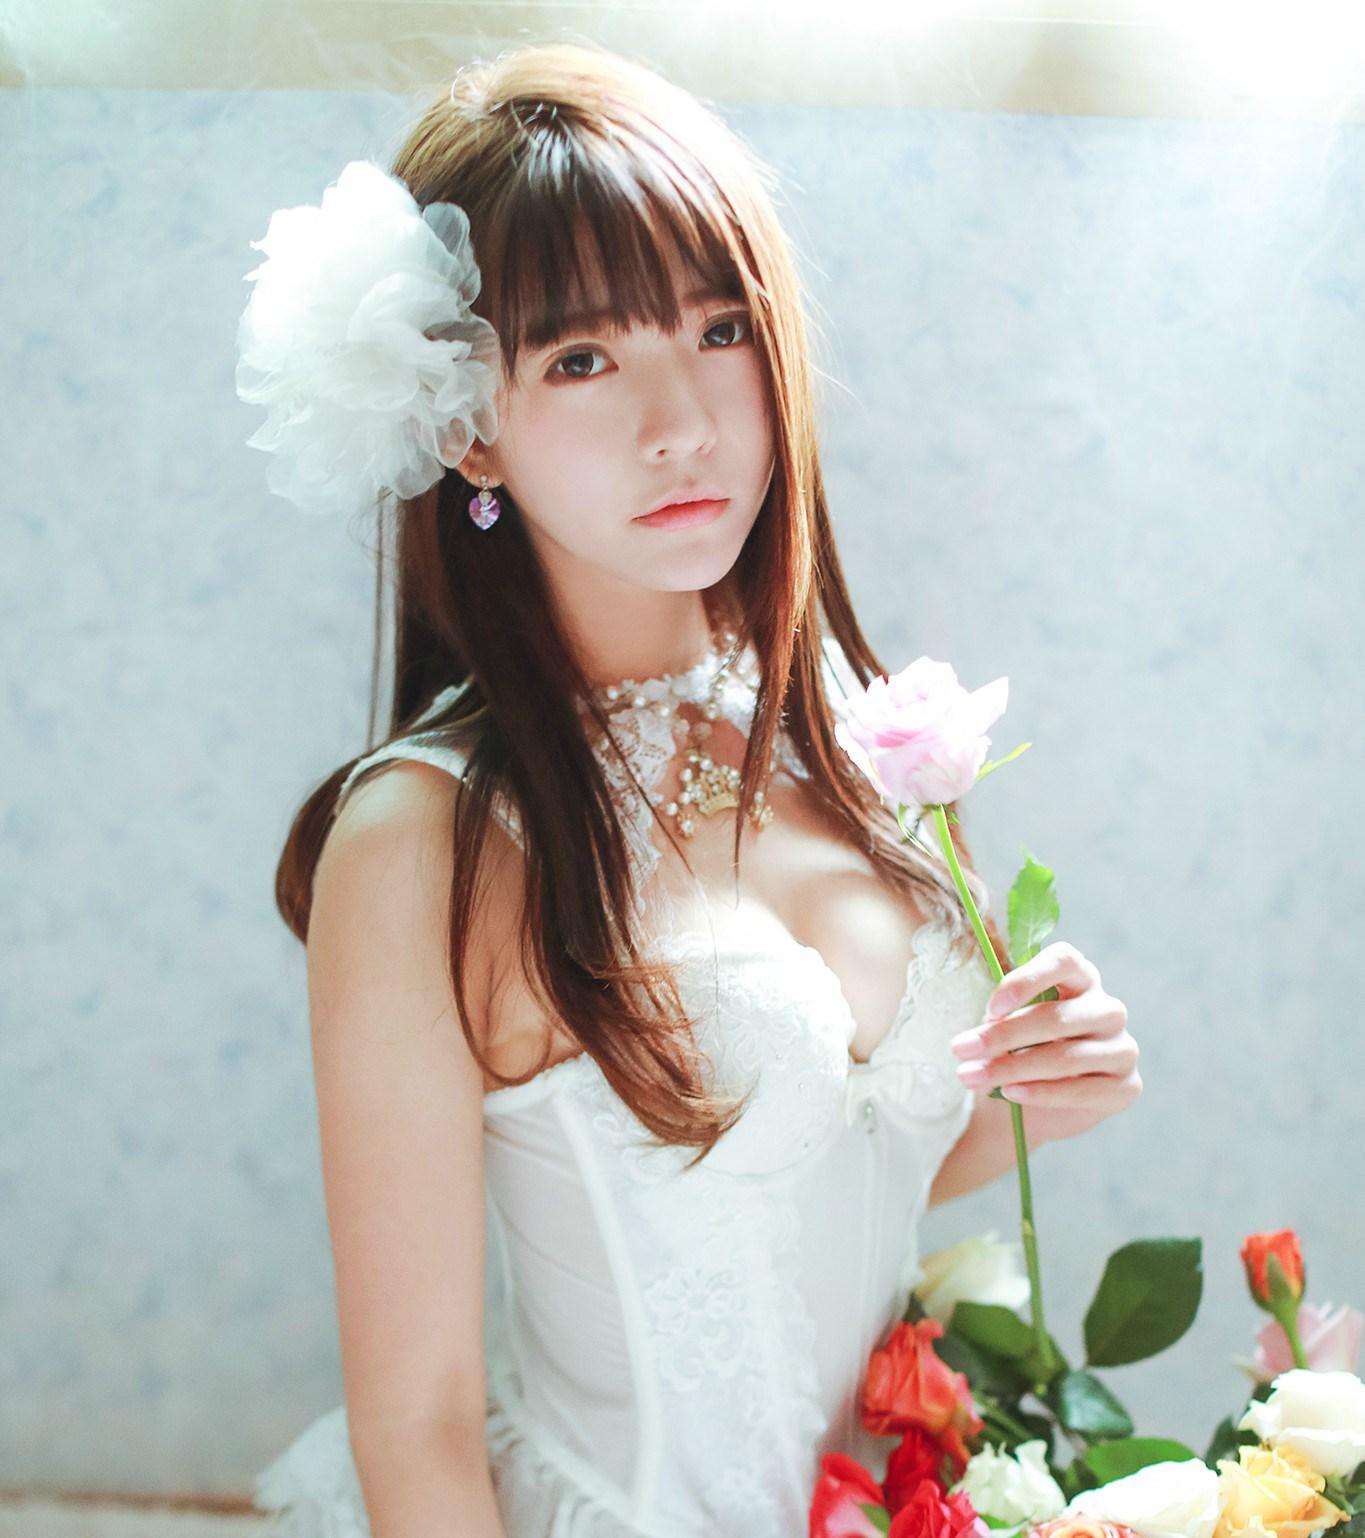 【兔玩映画】Yurisa 兔玩映画 第15张